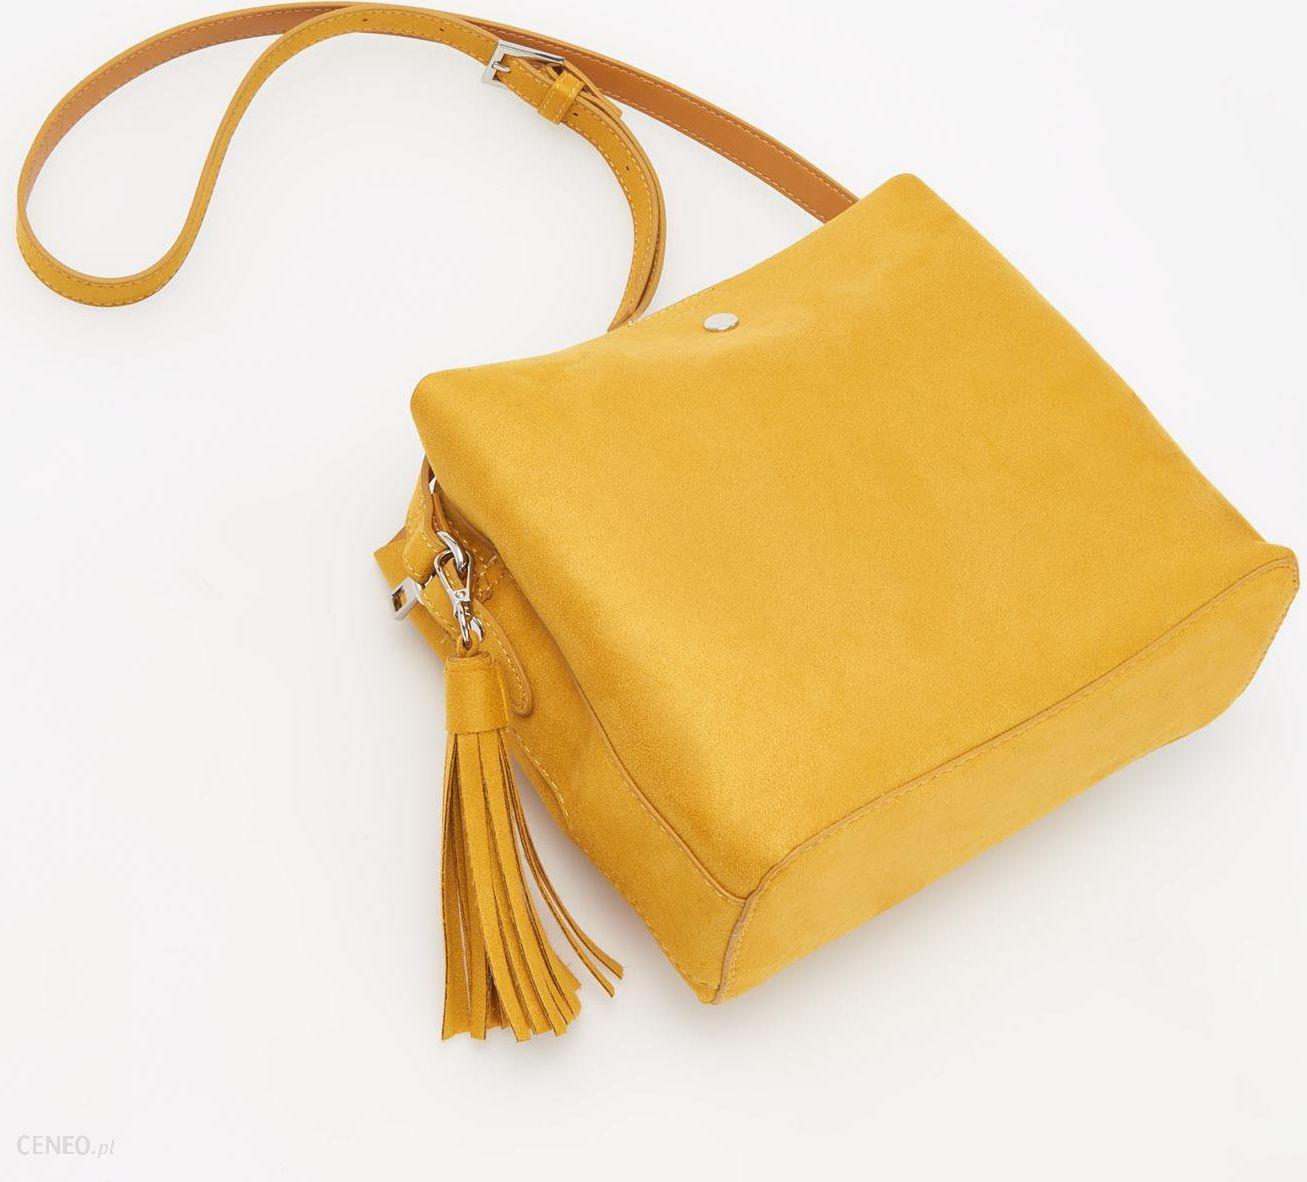 a1ba19c33ed44 Reserved - Zółta torebka z imitacji zamszu - Żółty - Ceny i opinie ...